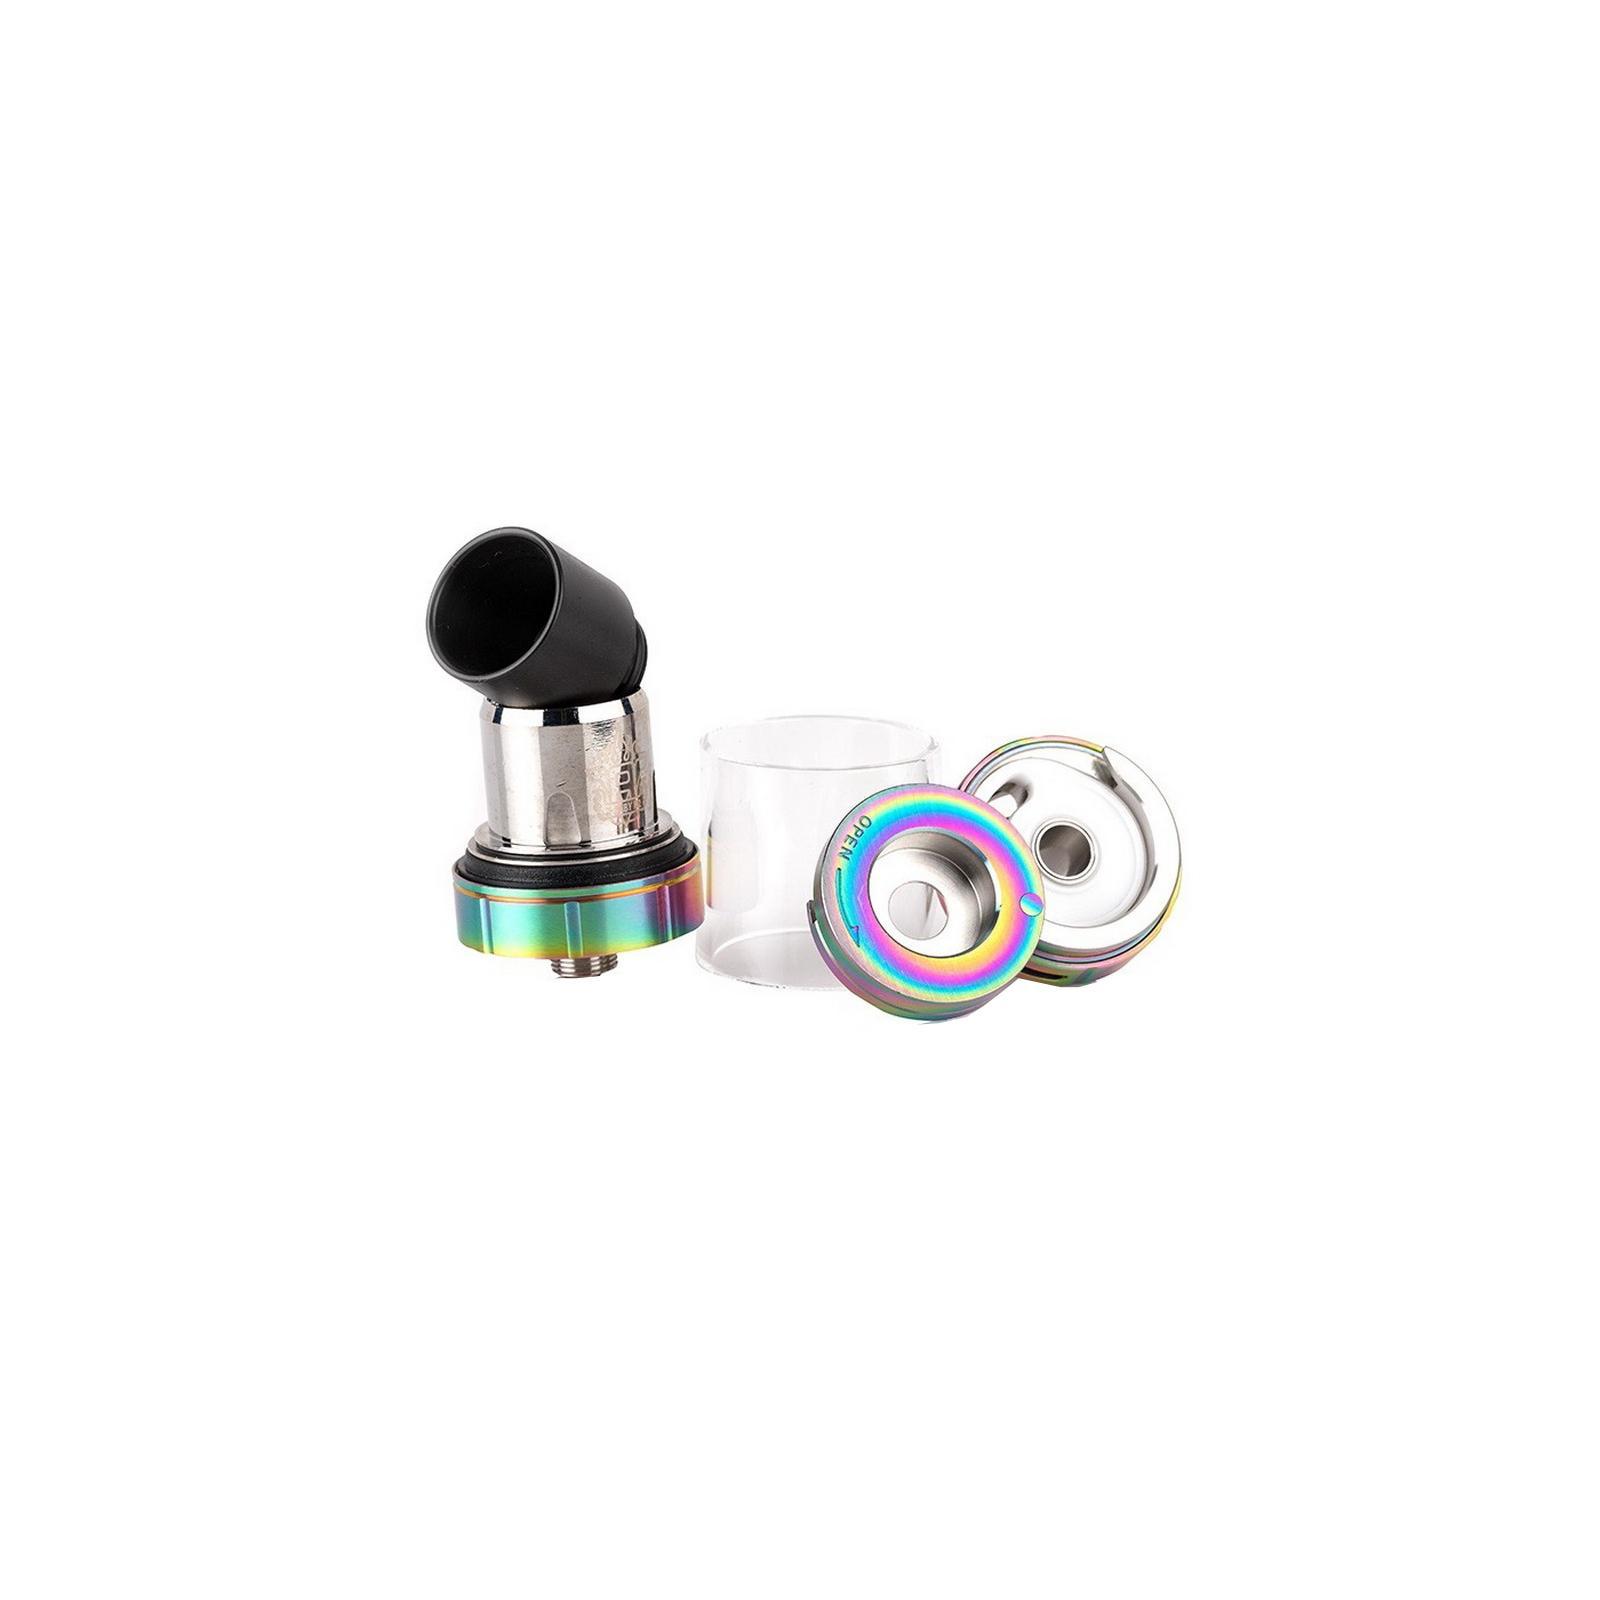 Стартовый набор Smok Stick X8 Rainbow (SMSX8KO) изображение 6